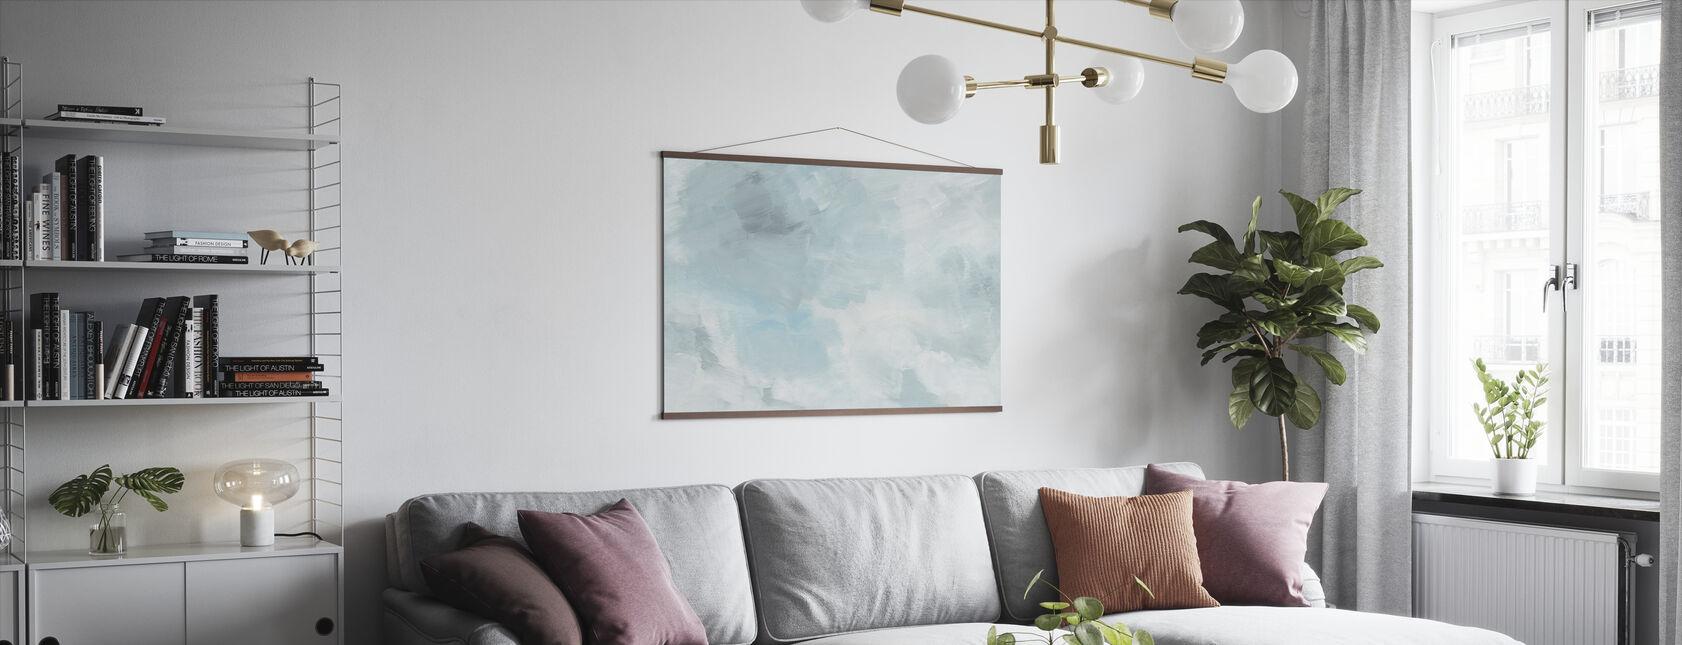 Blush Türkis - Poster - Wohnzimmer